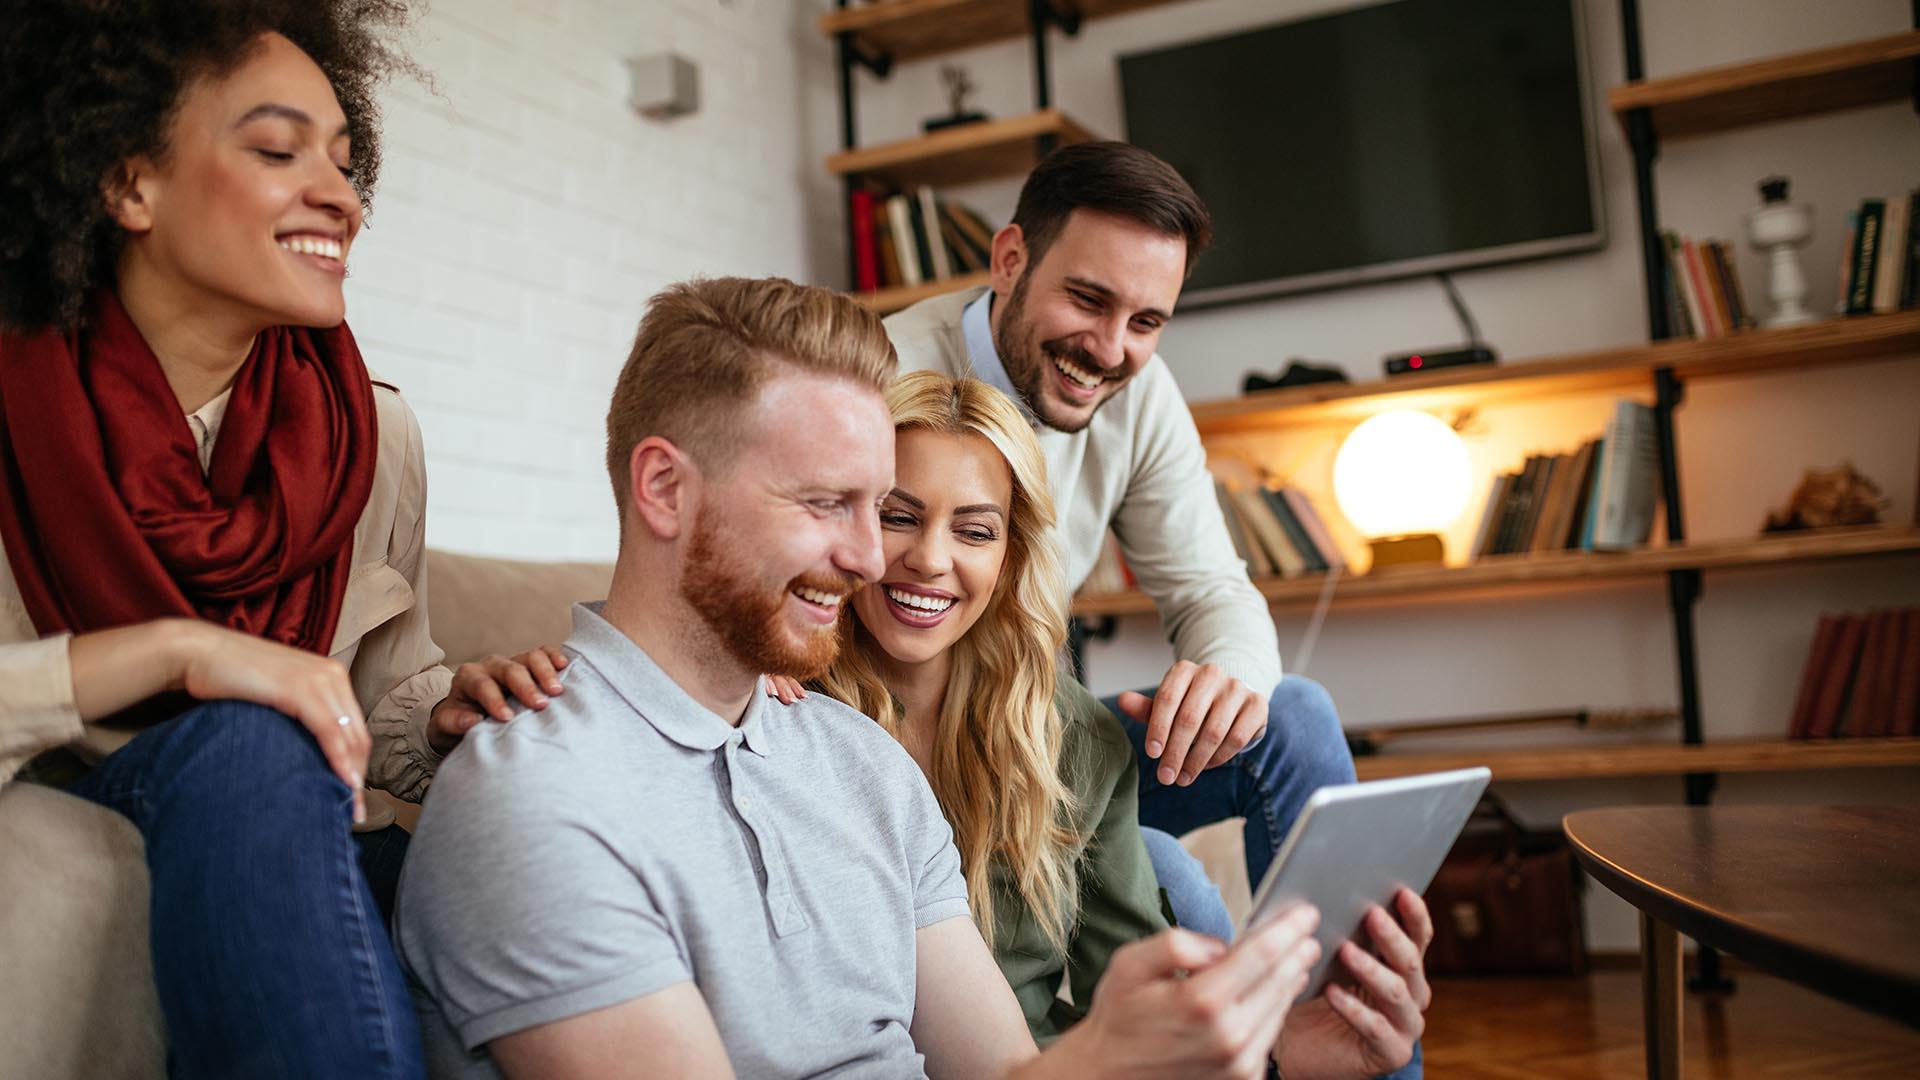 El entretenimiento es ahora digital, ¿en qué se gasta más